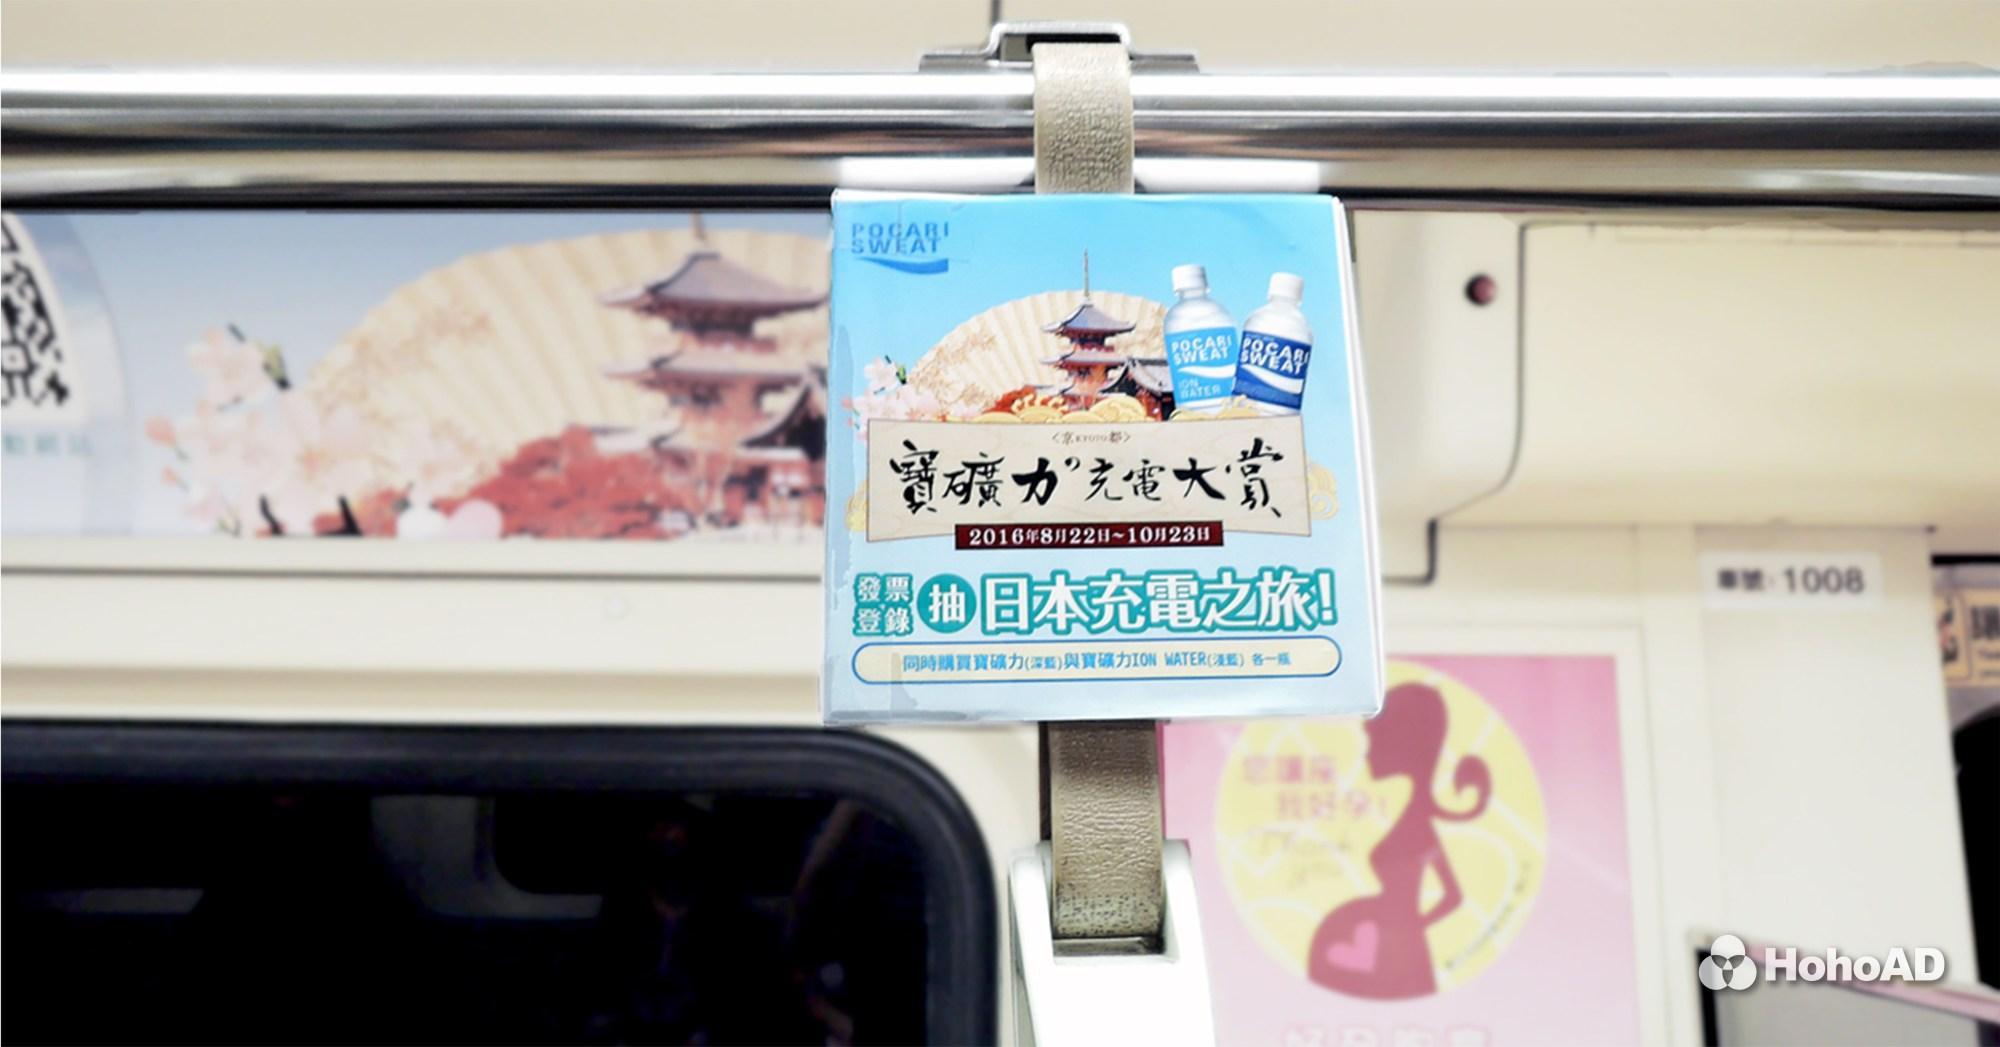 寶礦力水得利用捷運車廂廣告,宣傳贈送京都機票的抽獎活動|合和國際 HohoAD